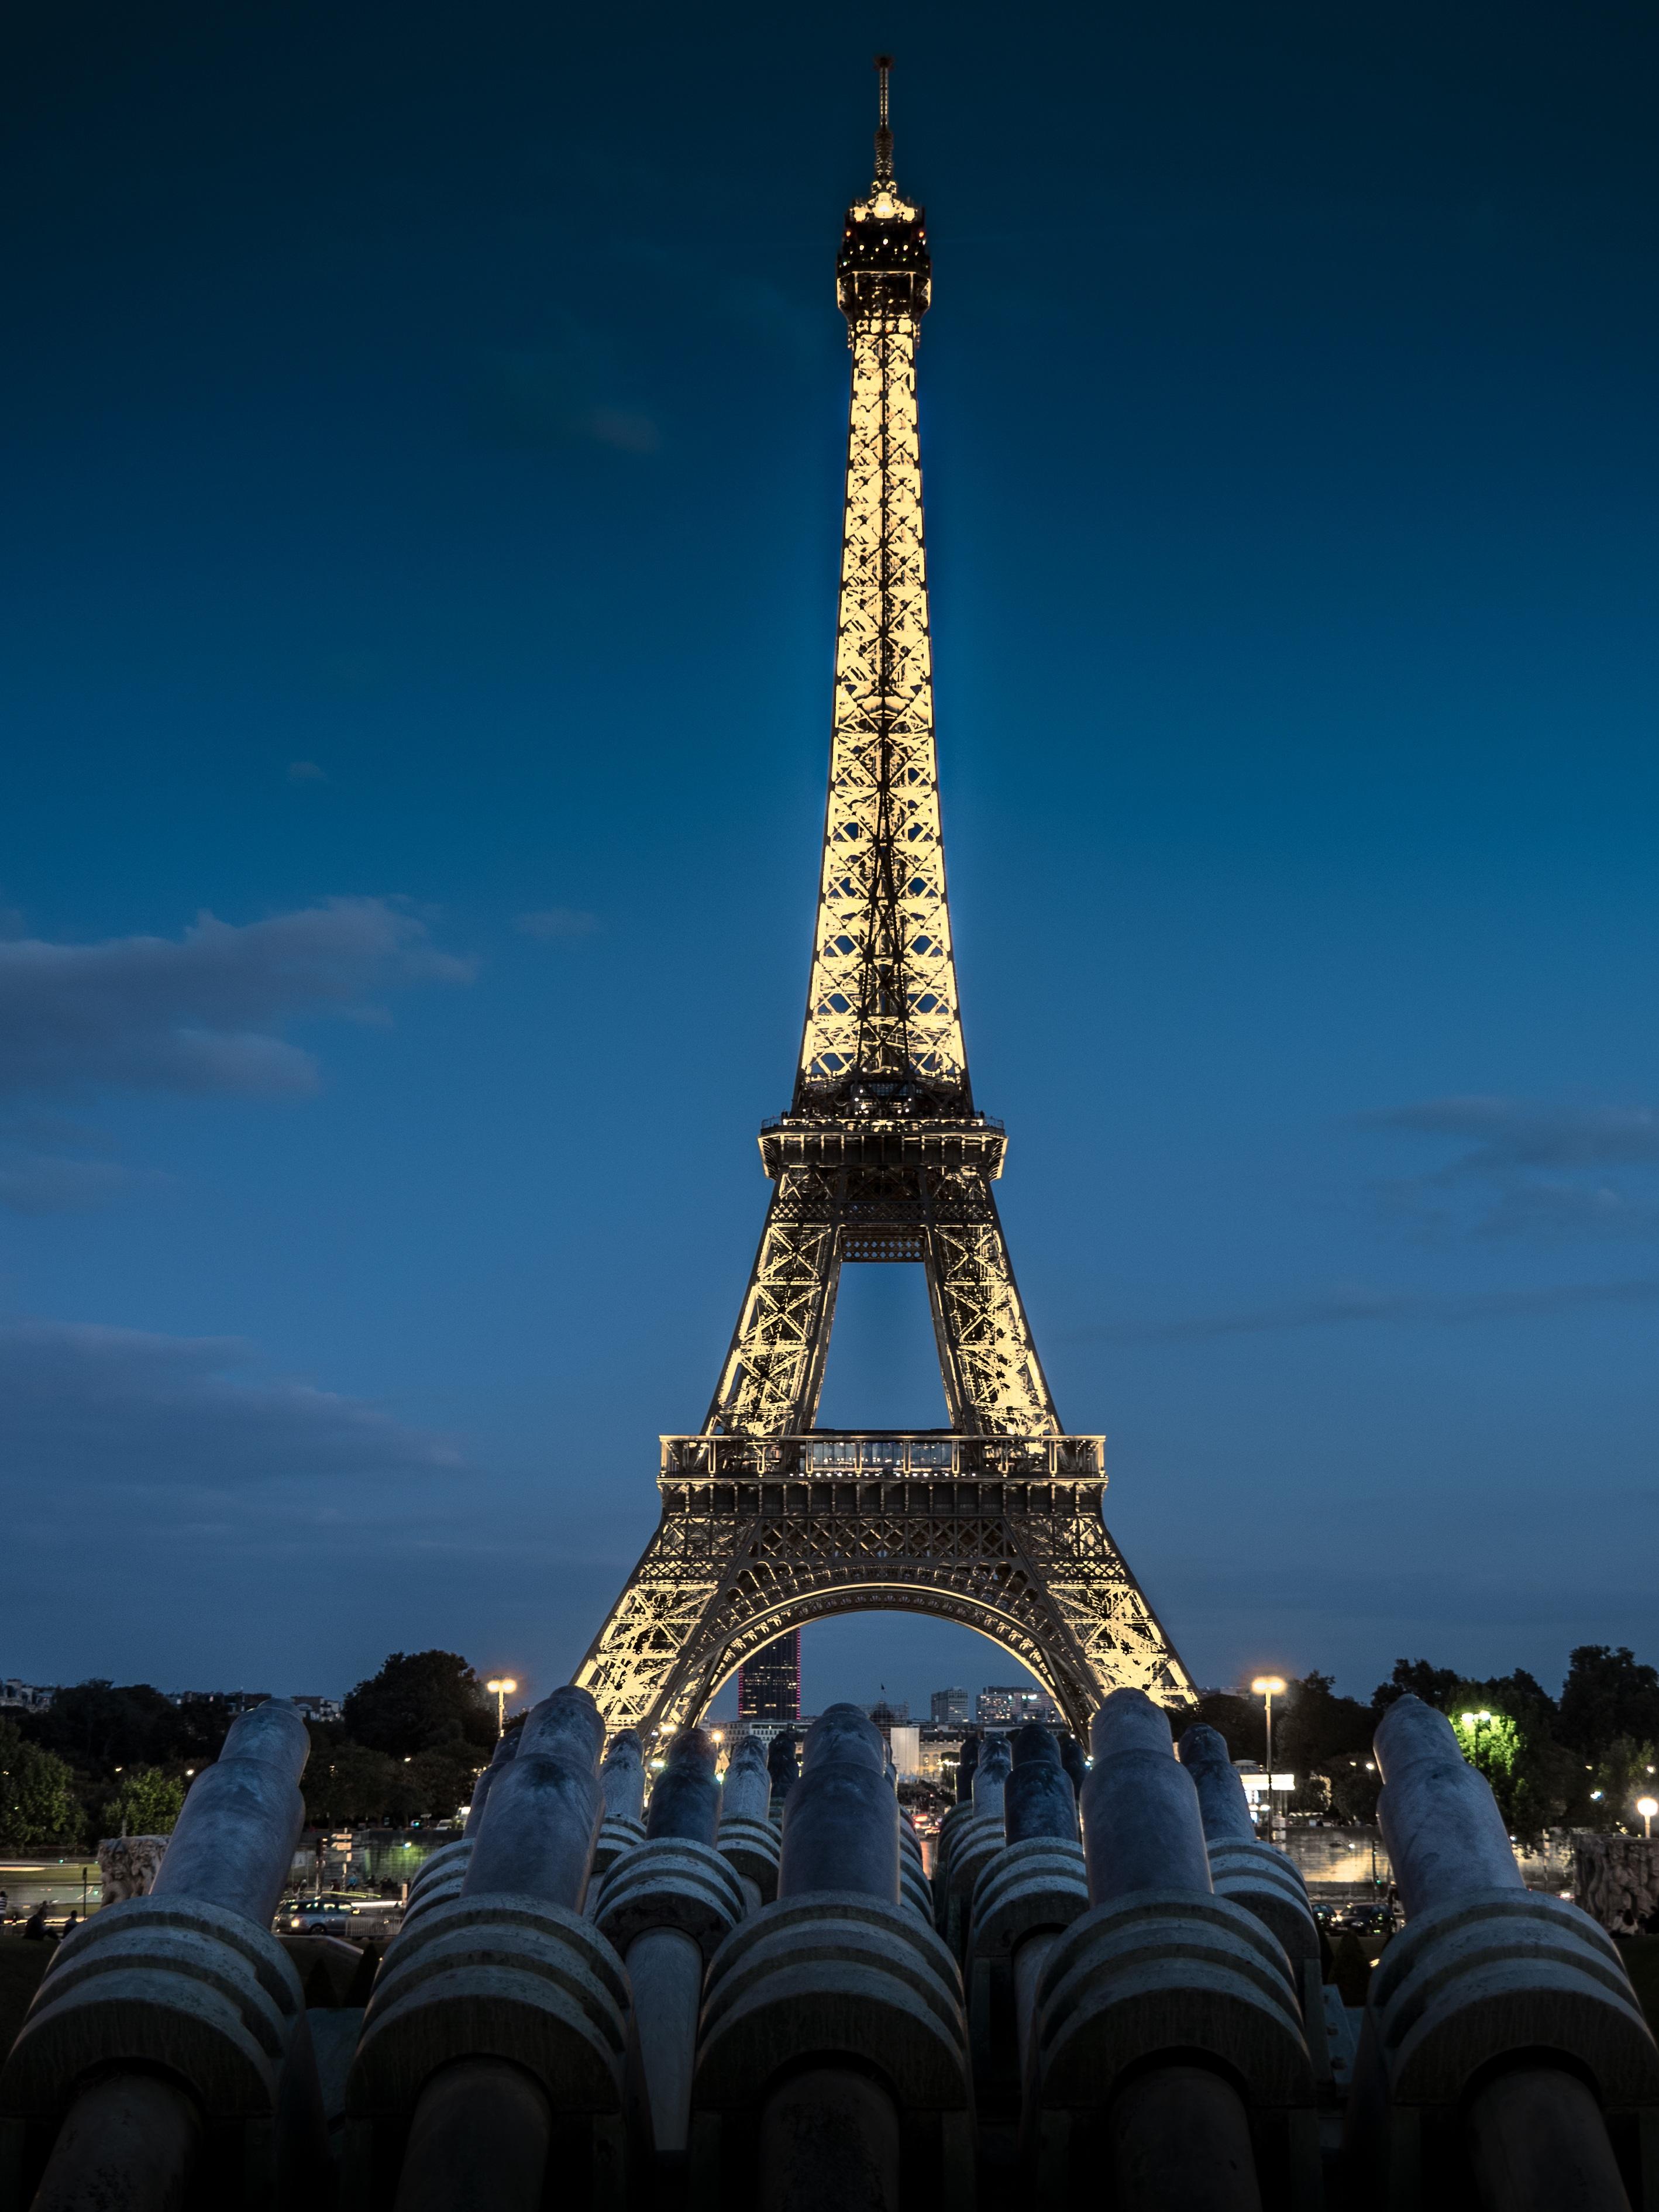 Rencontre Sexe Loiret (45) , Trouves Ton Plan Cul Sur Gare Aux Coquines